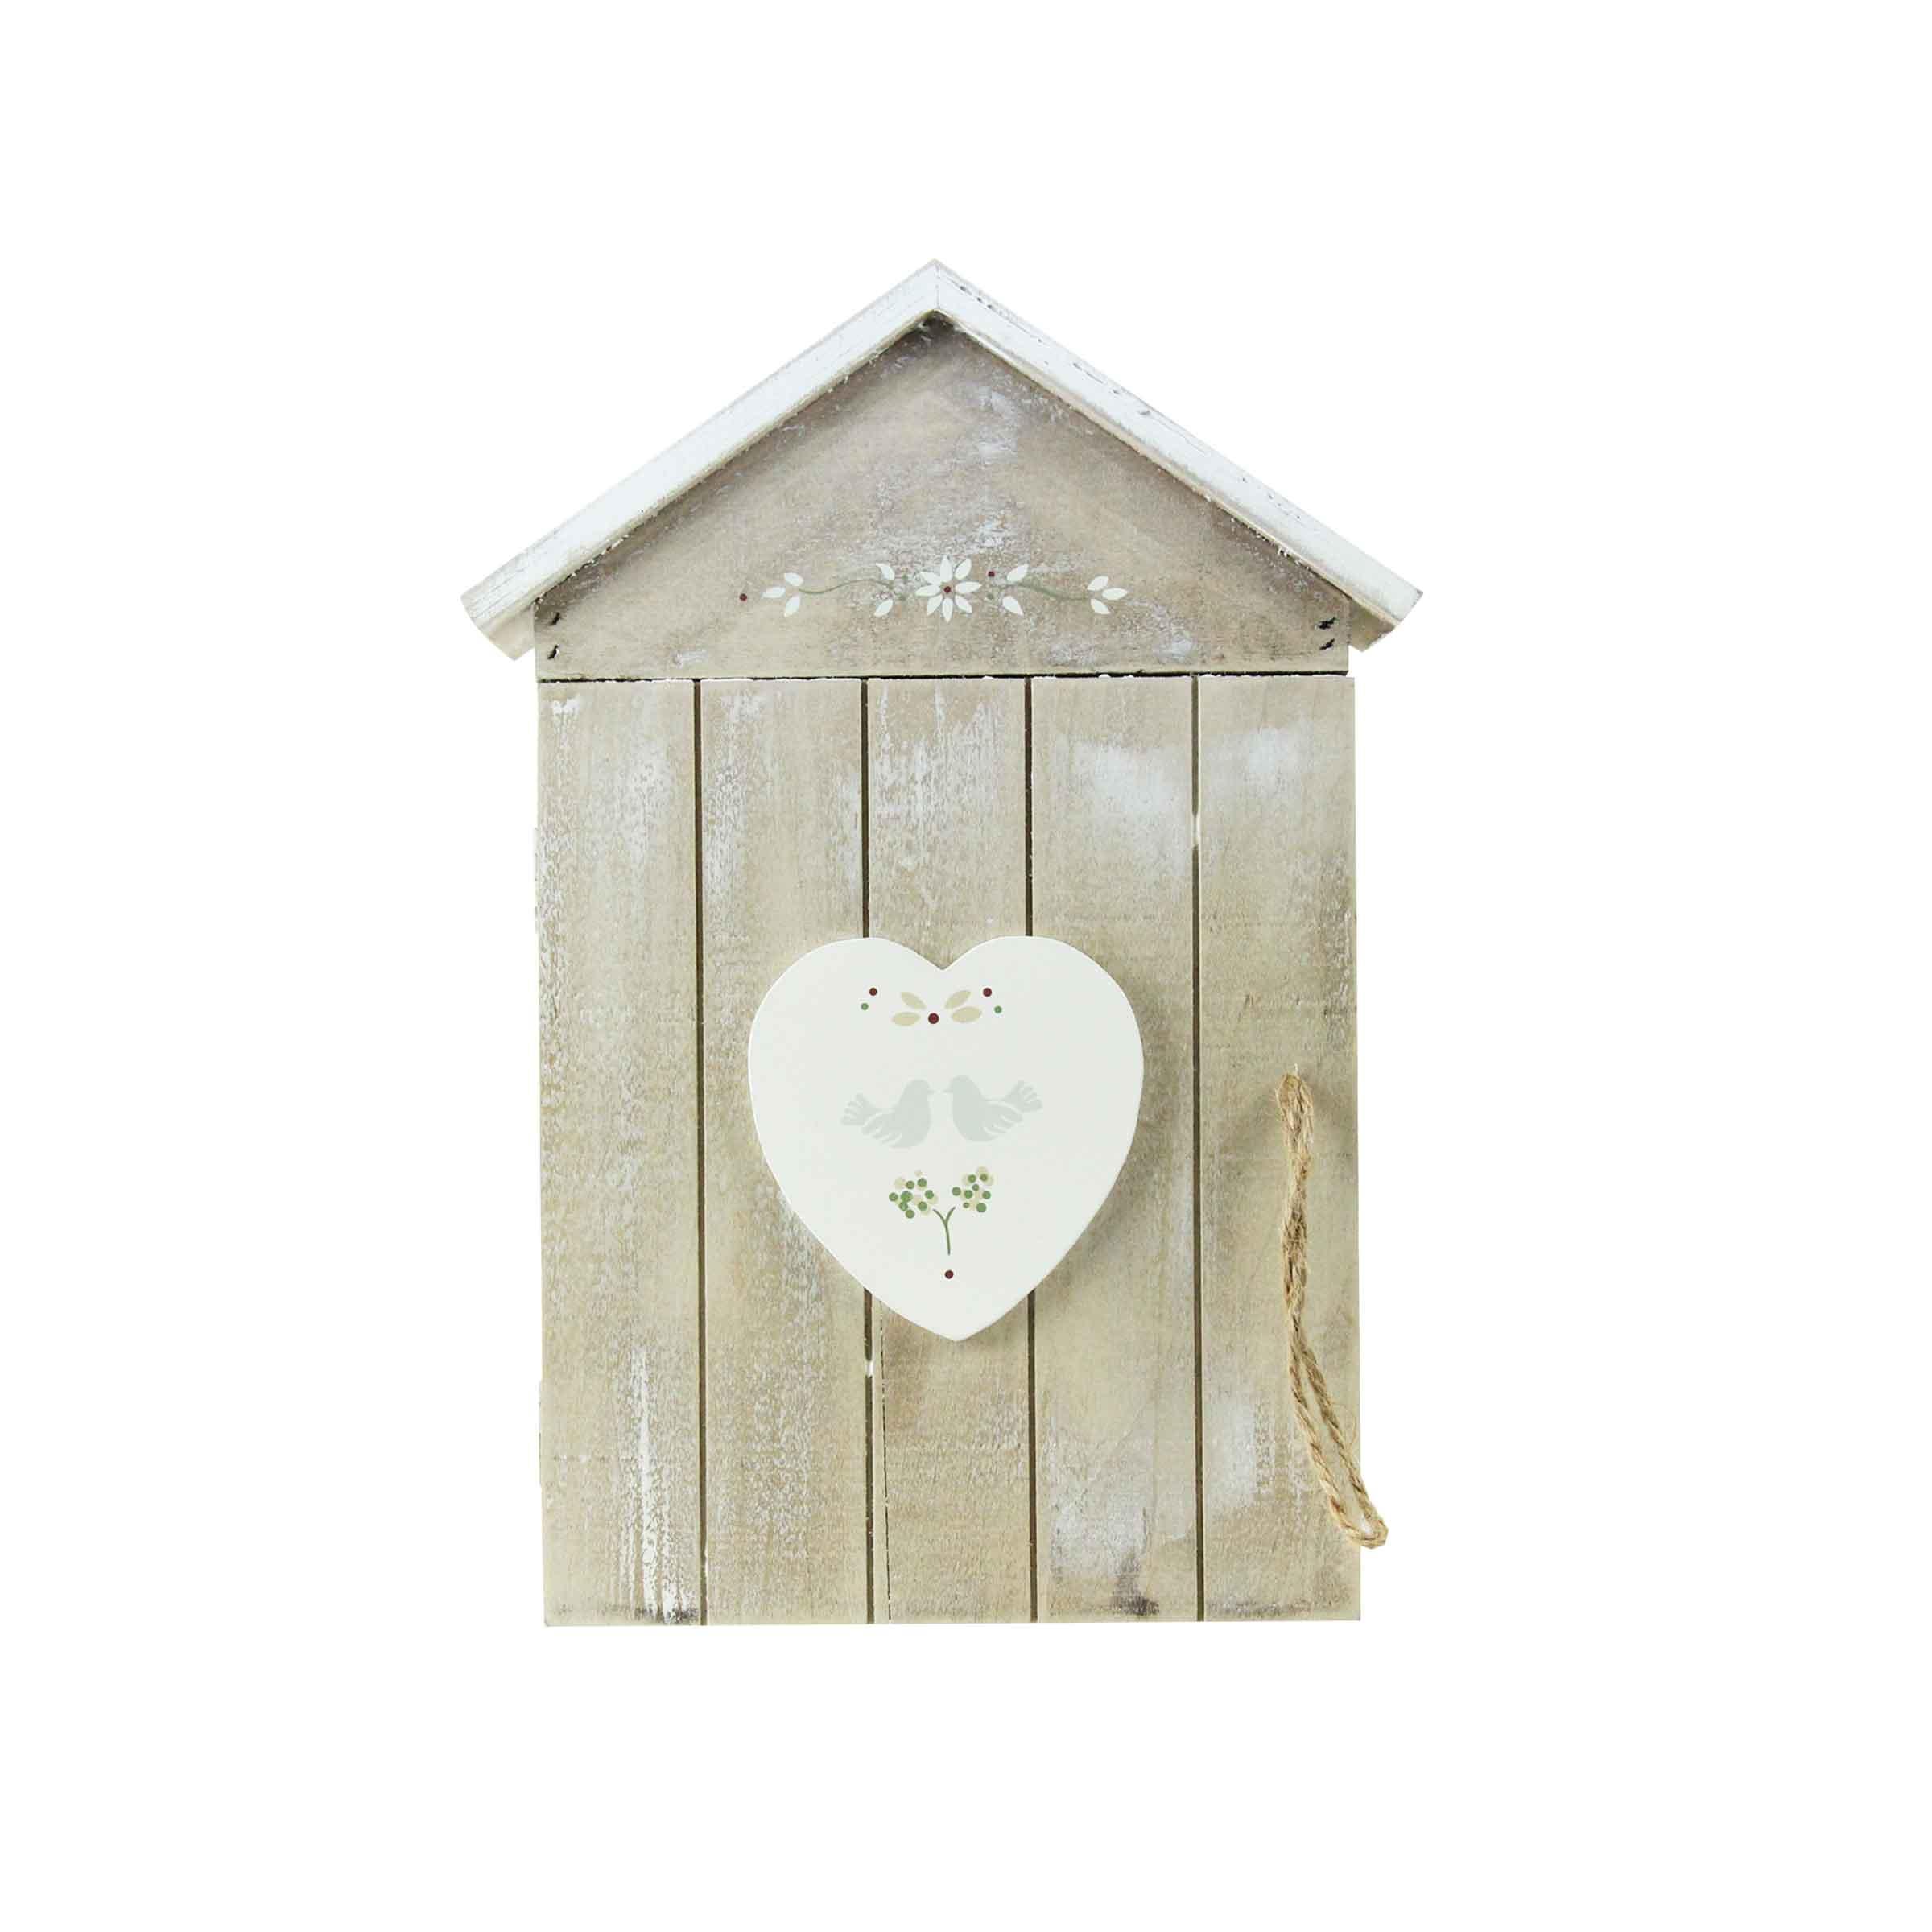 Placard pour clefs petite maison en bois avec motifs floraux et coeur peint en blanc